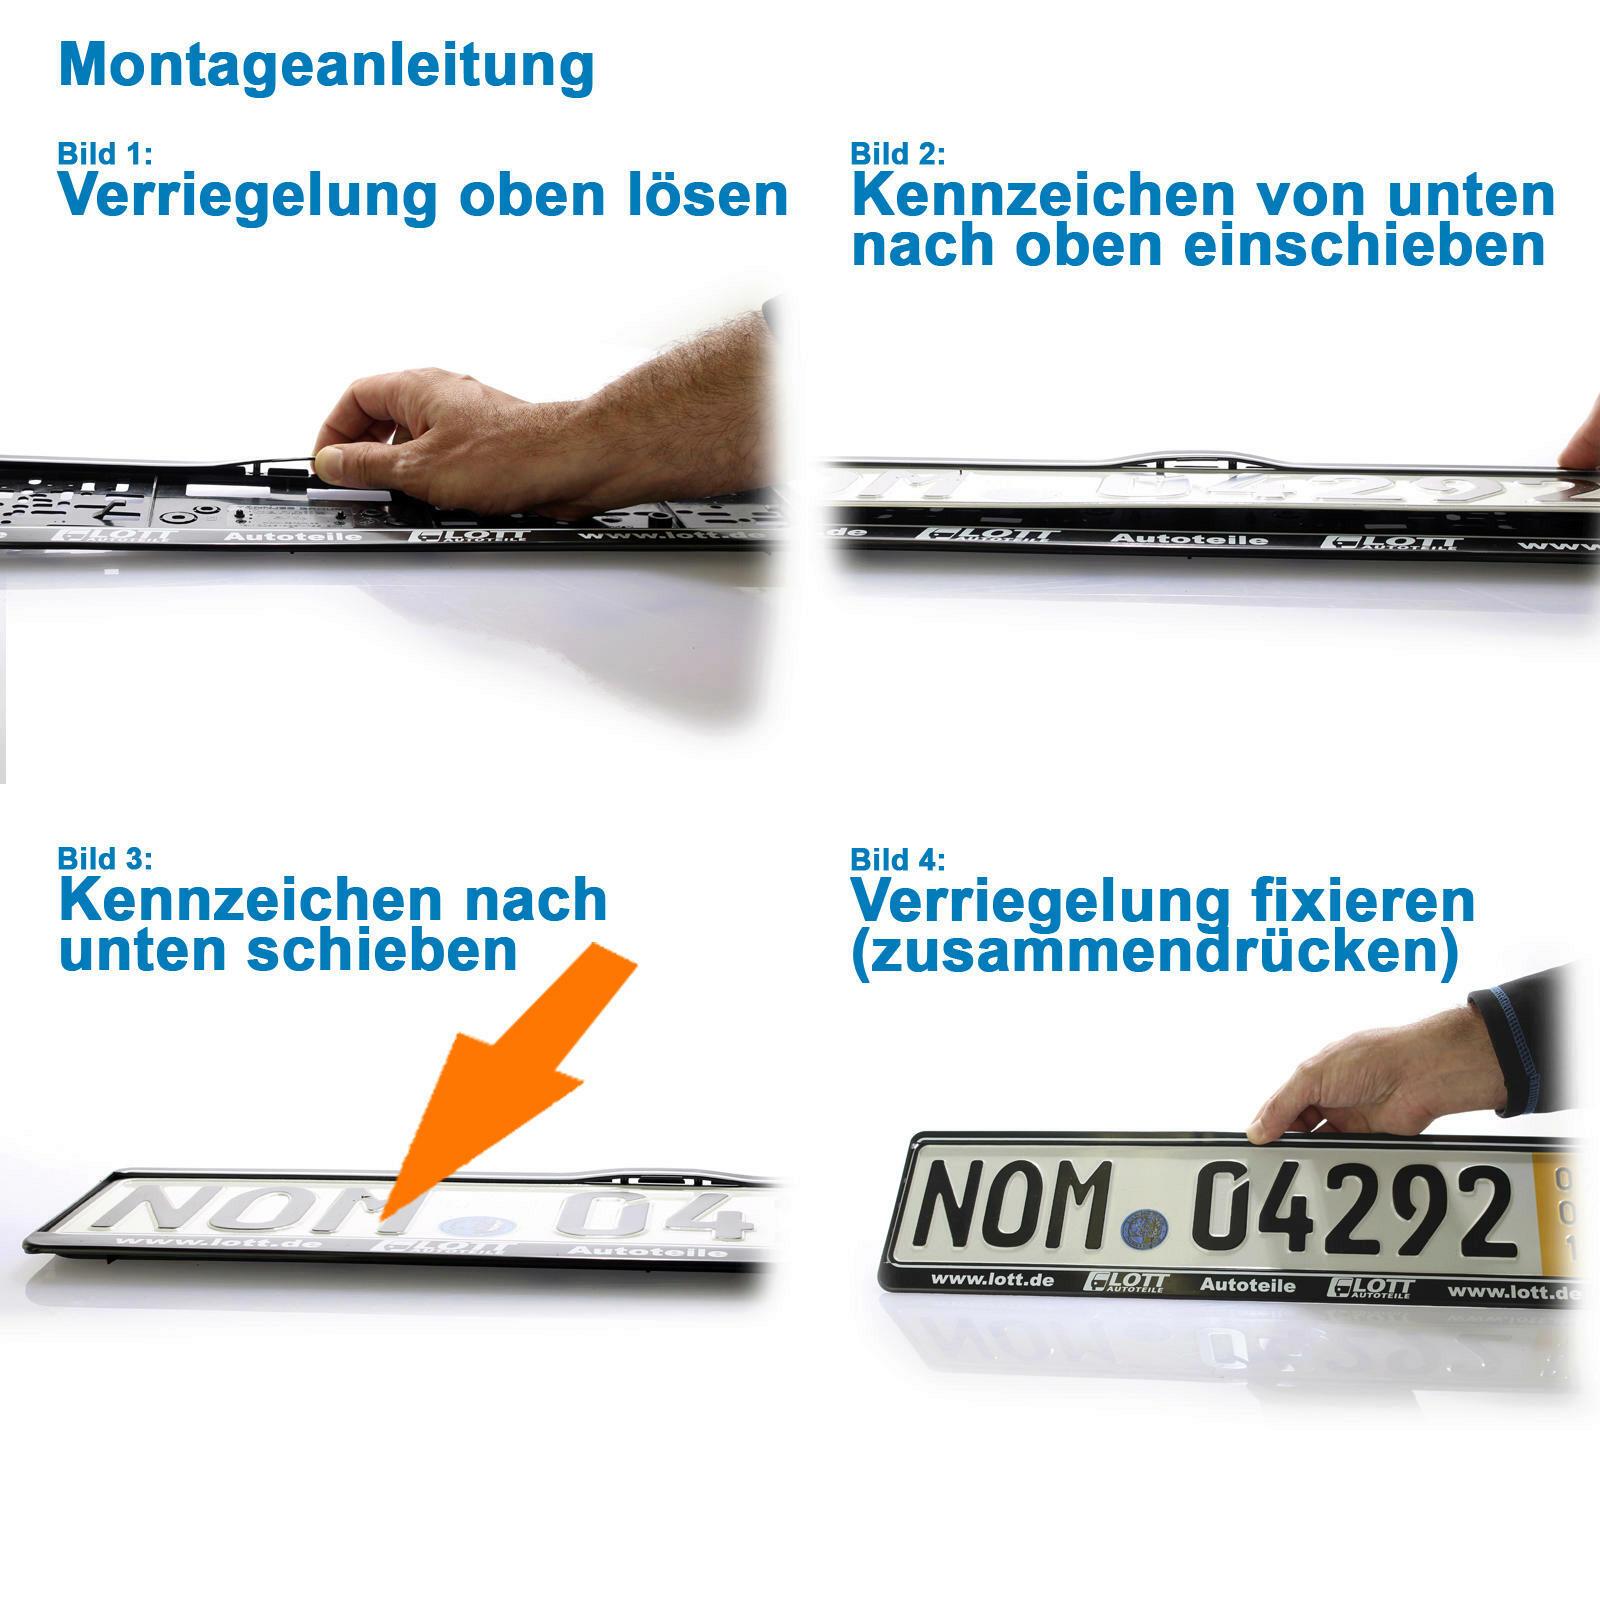 2x KENNZEICHENHALTER WWW.LOTT.DE NUMMERNSCHILD